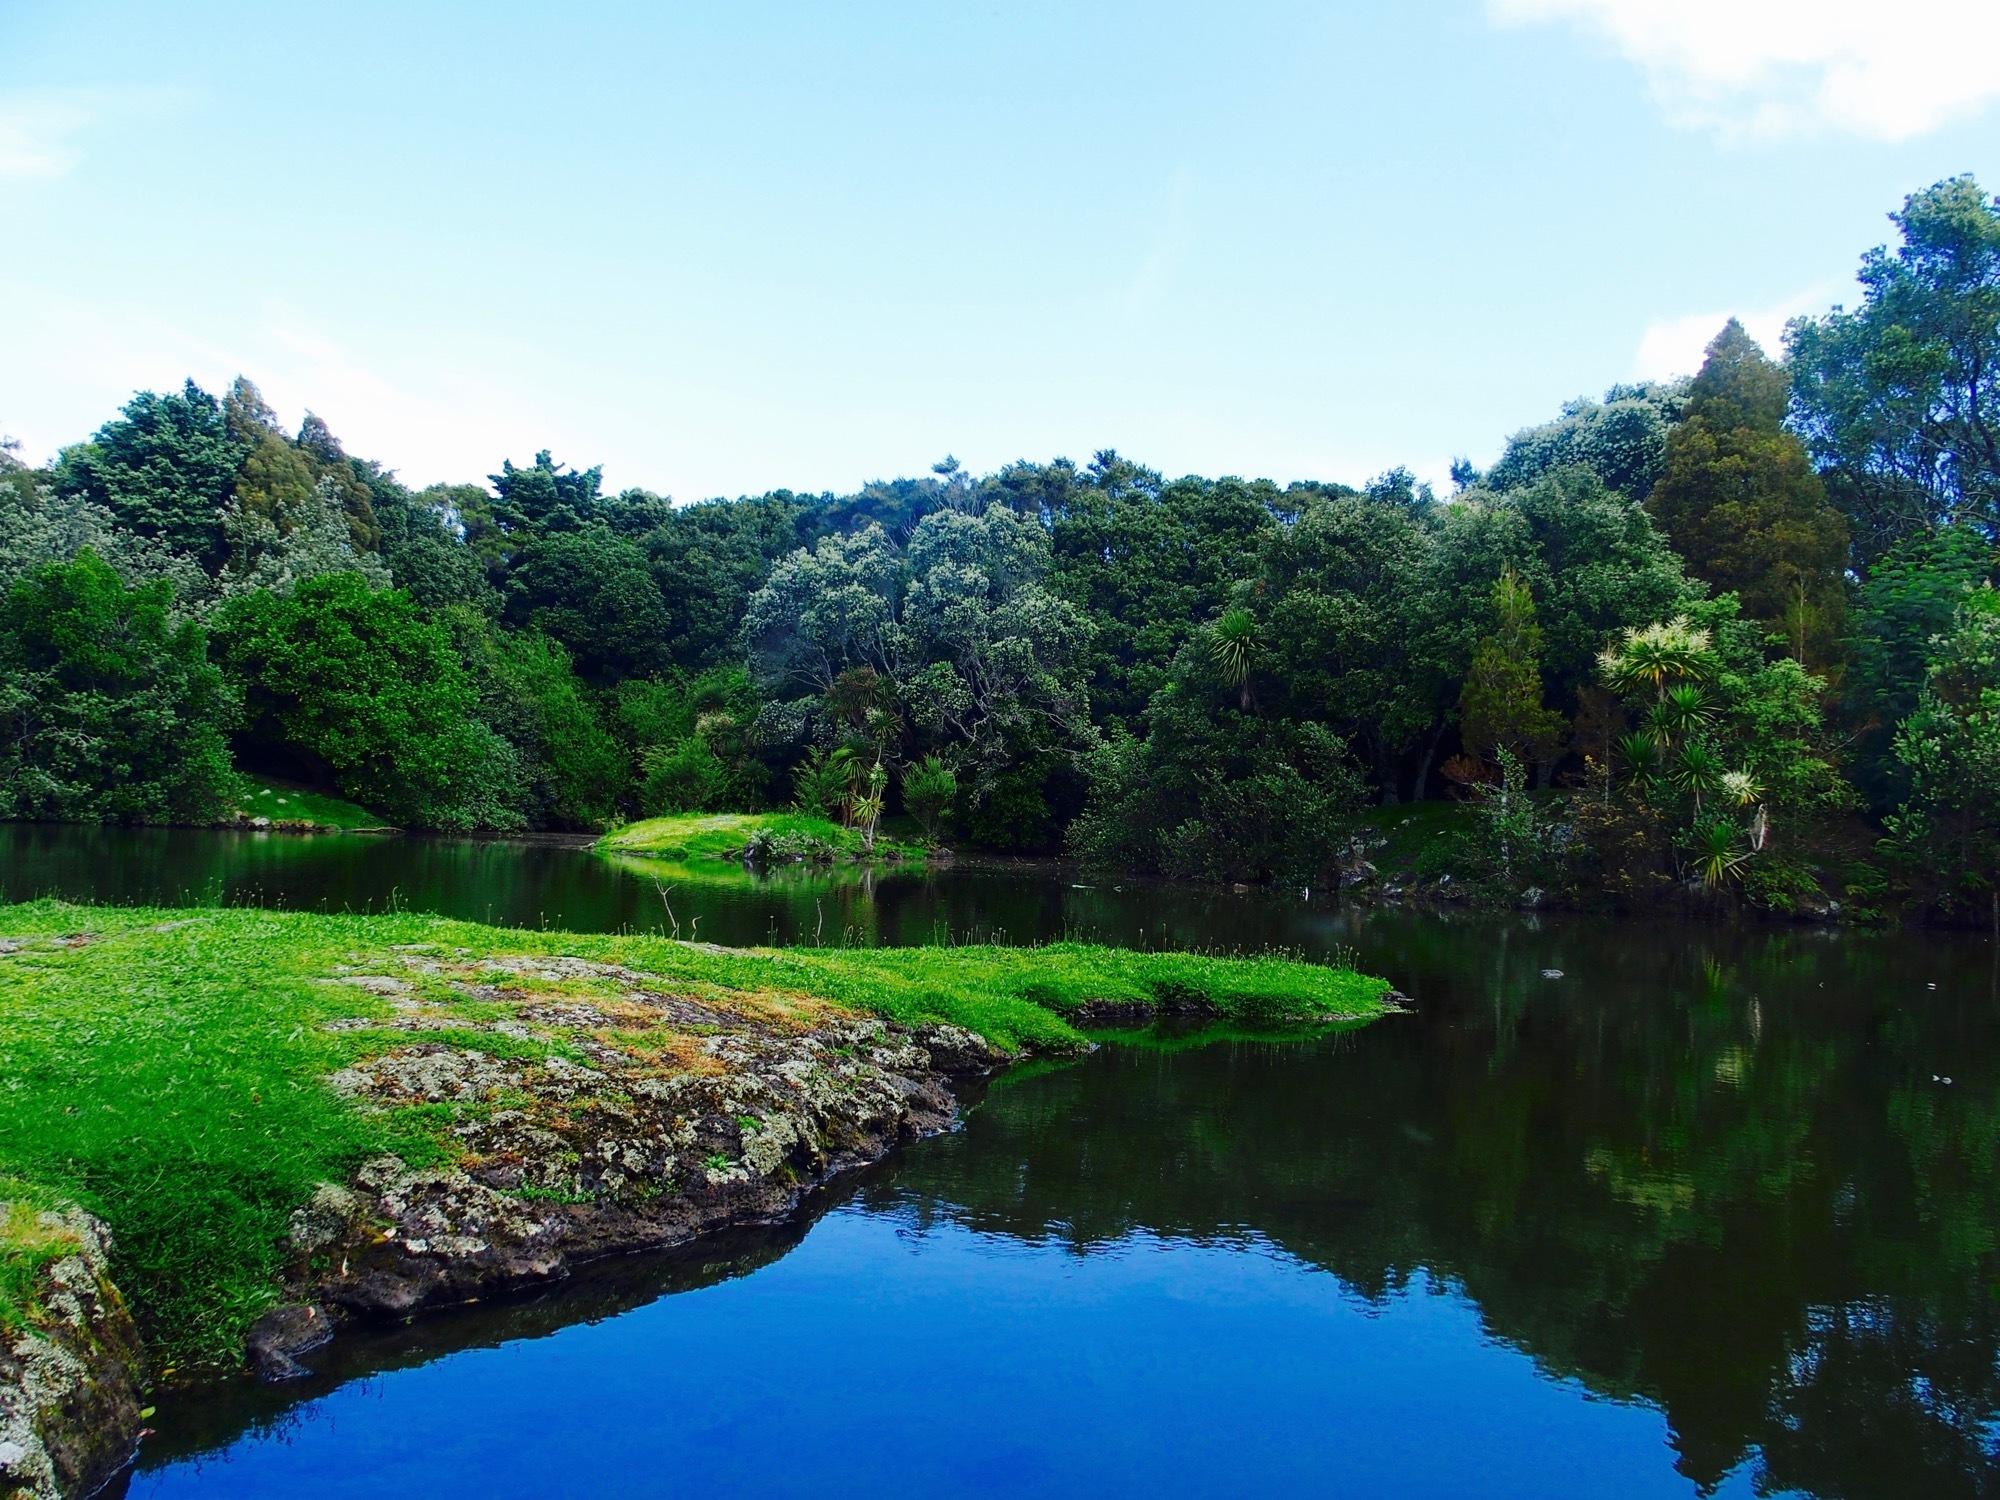 Westfield Park